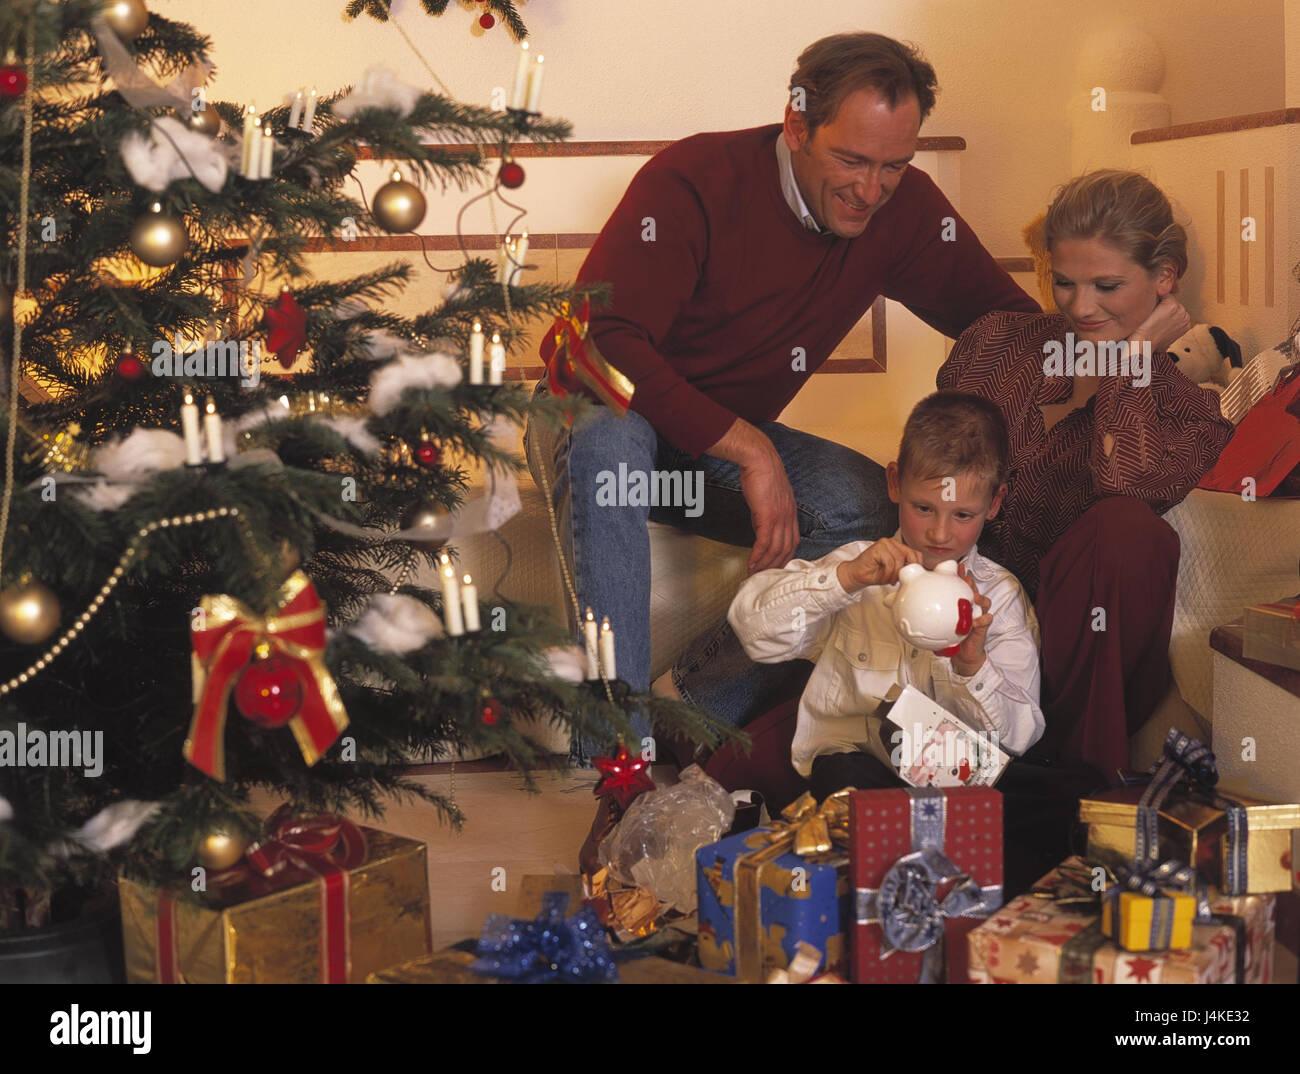 Weihnachten, Familie, Verteilung der Geschenke, glücklich ...